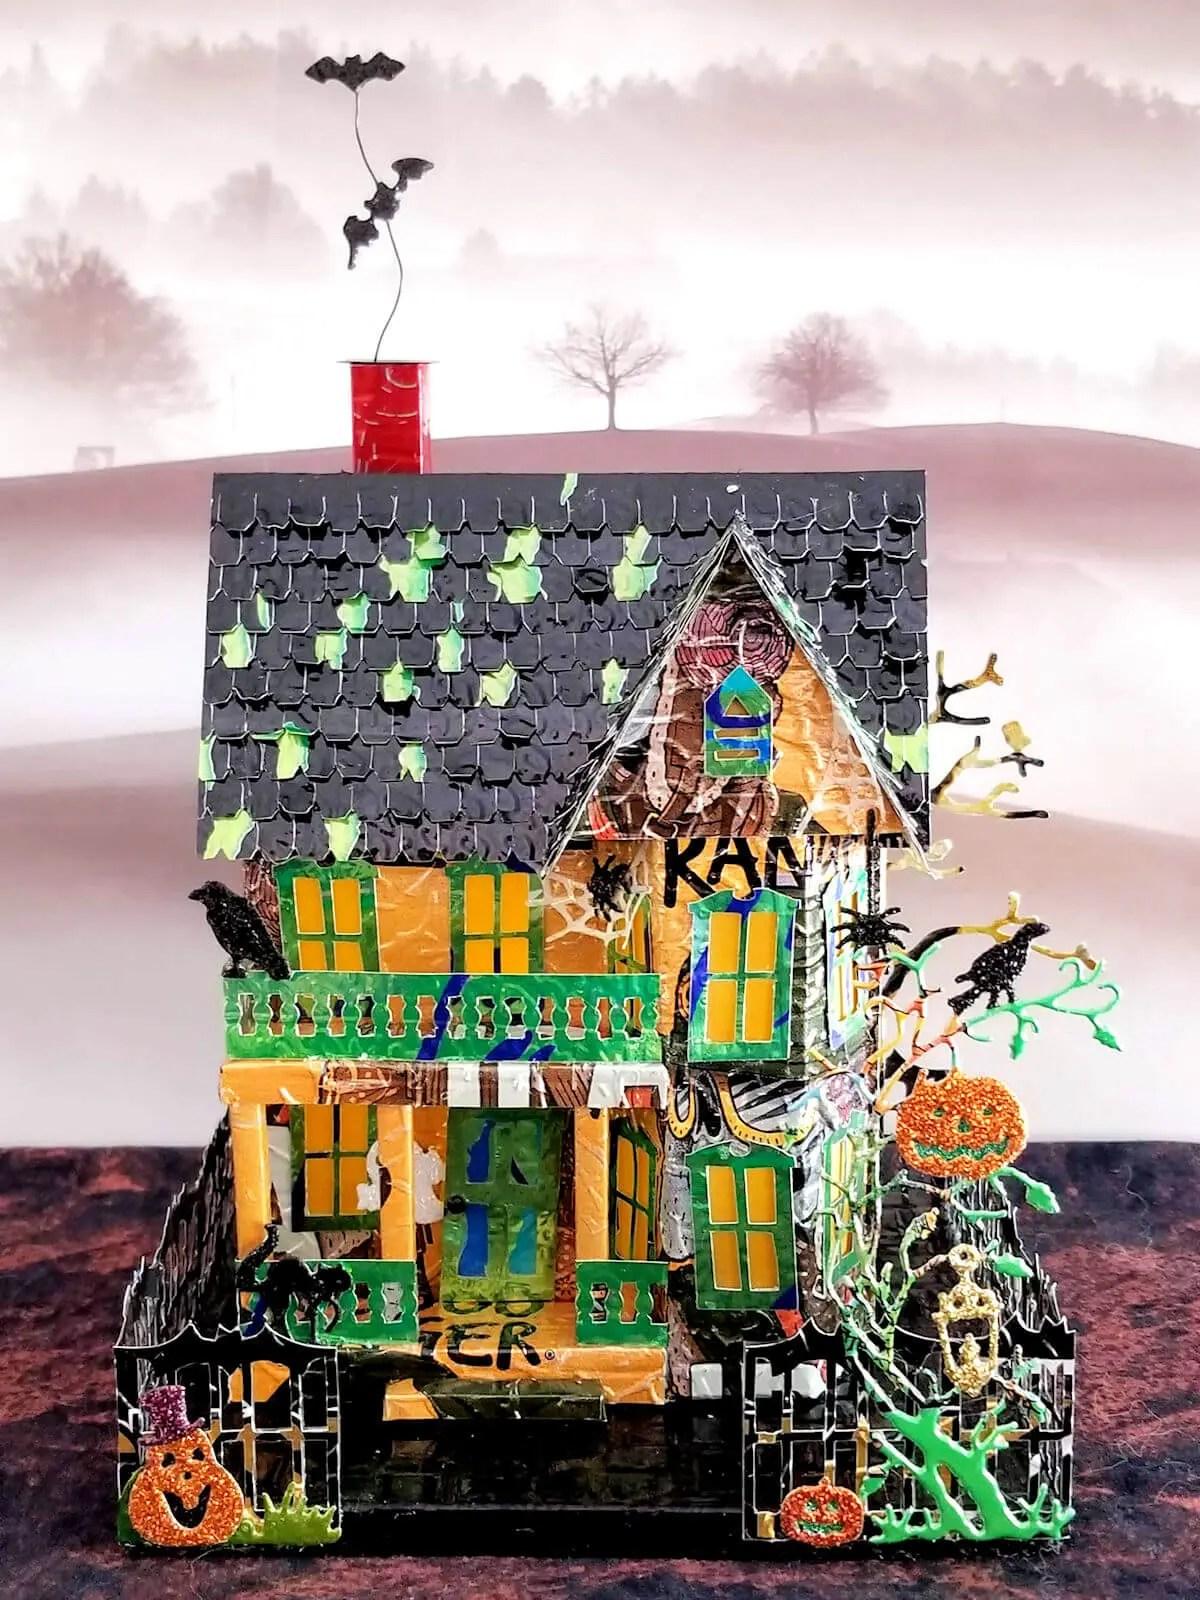 Spooky Halloween House #1 aluminum can house